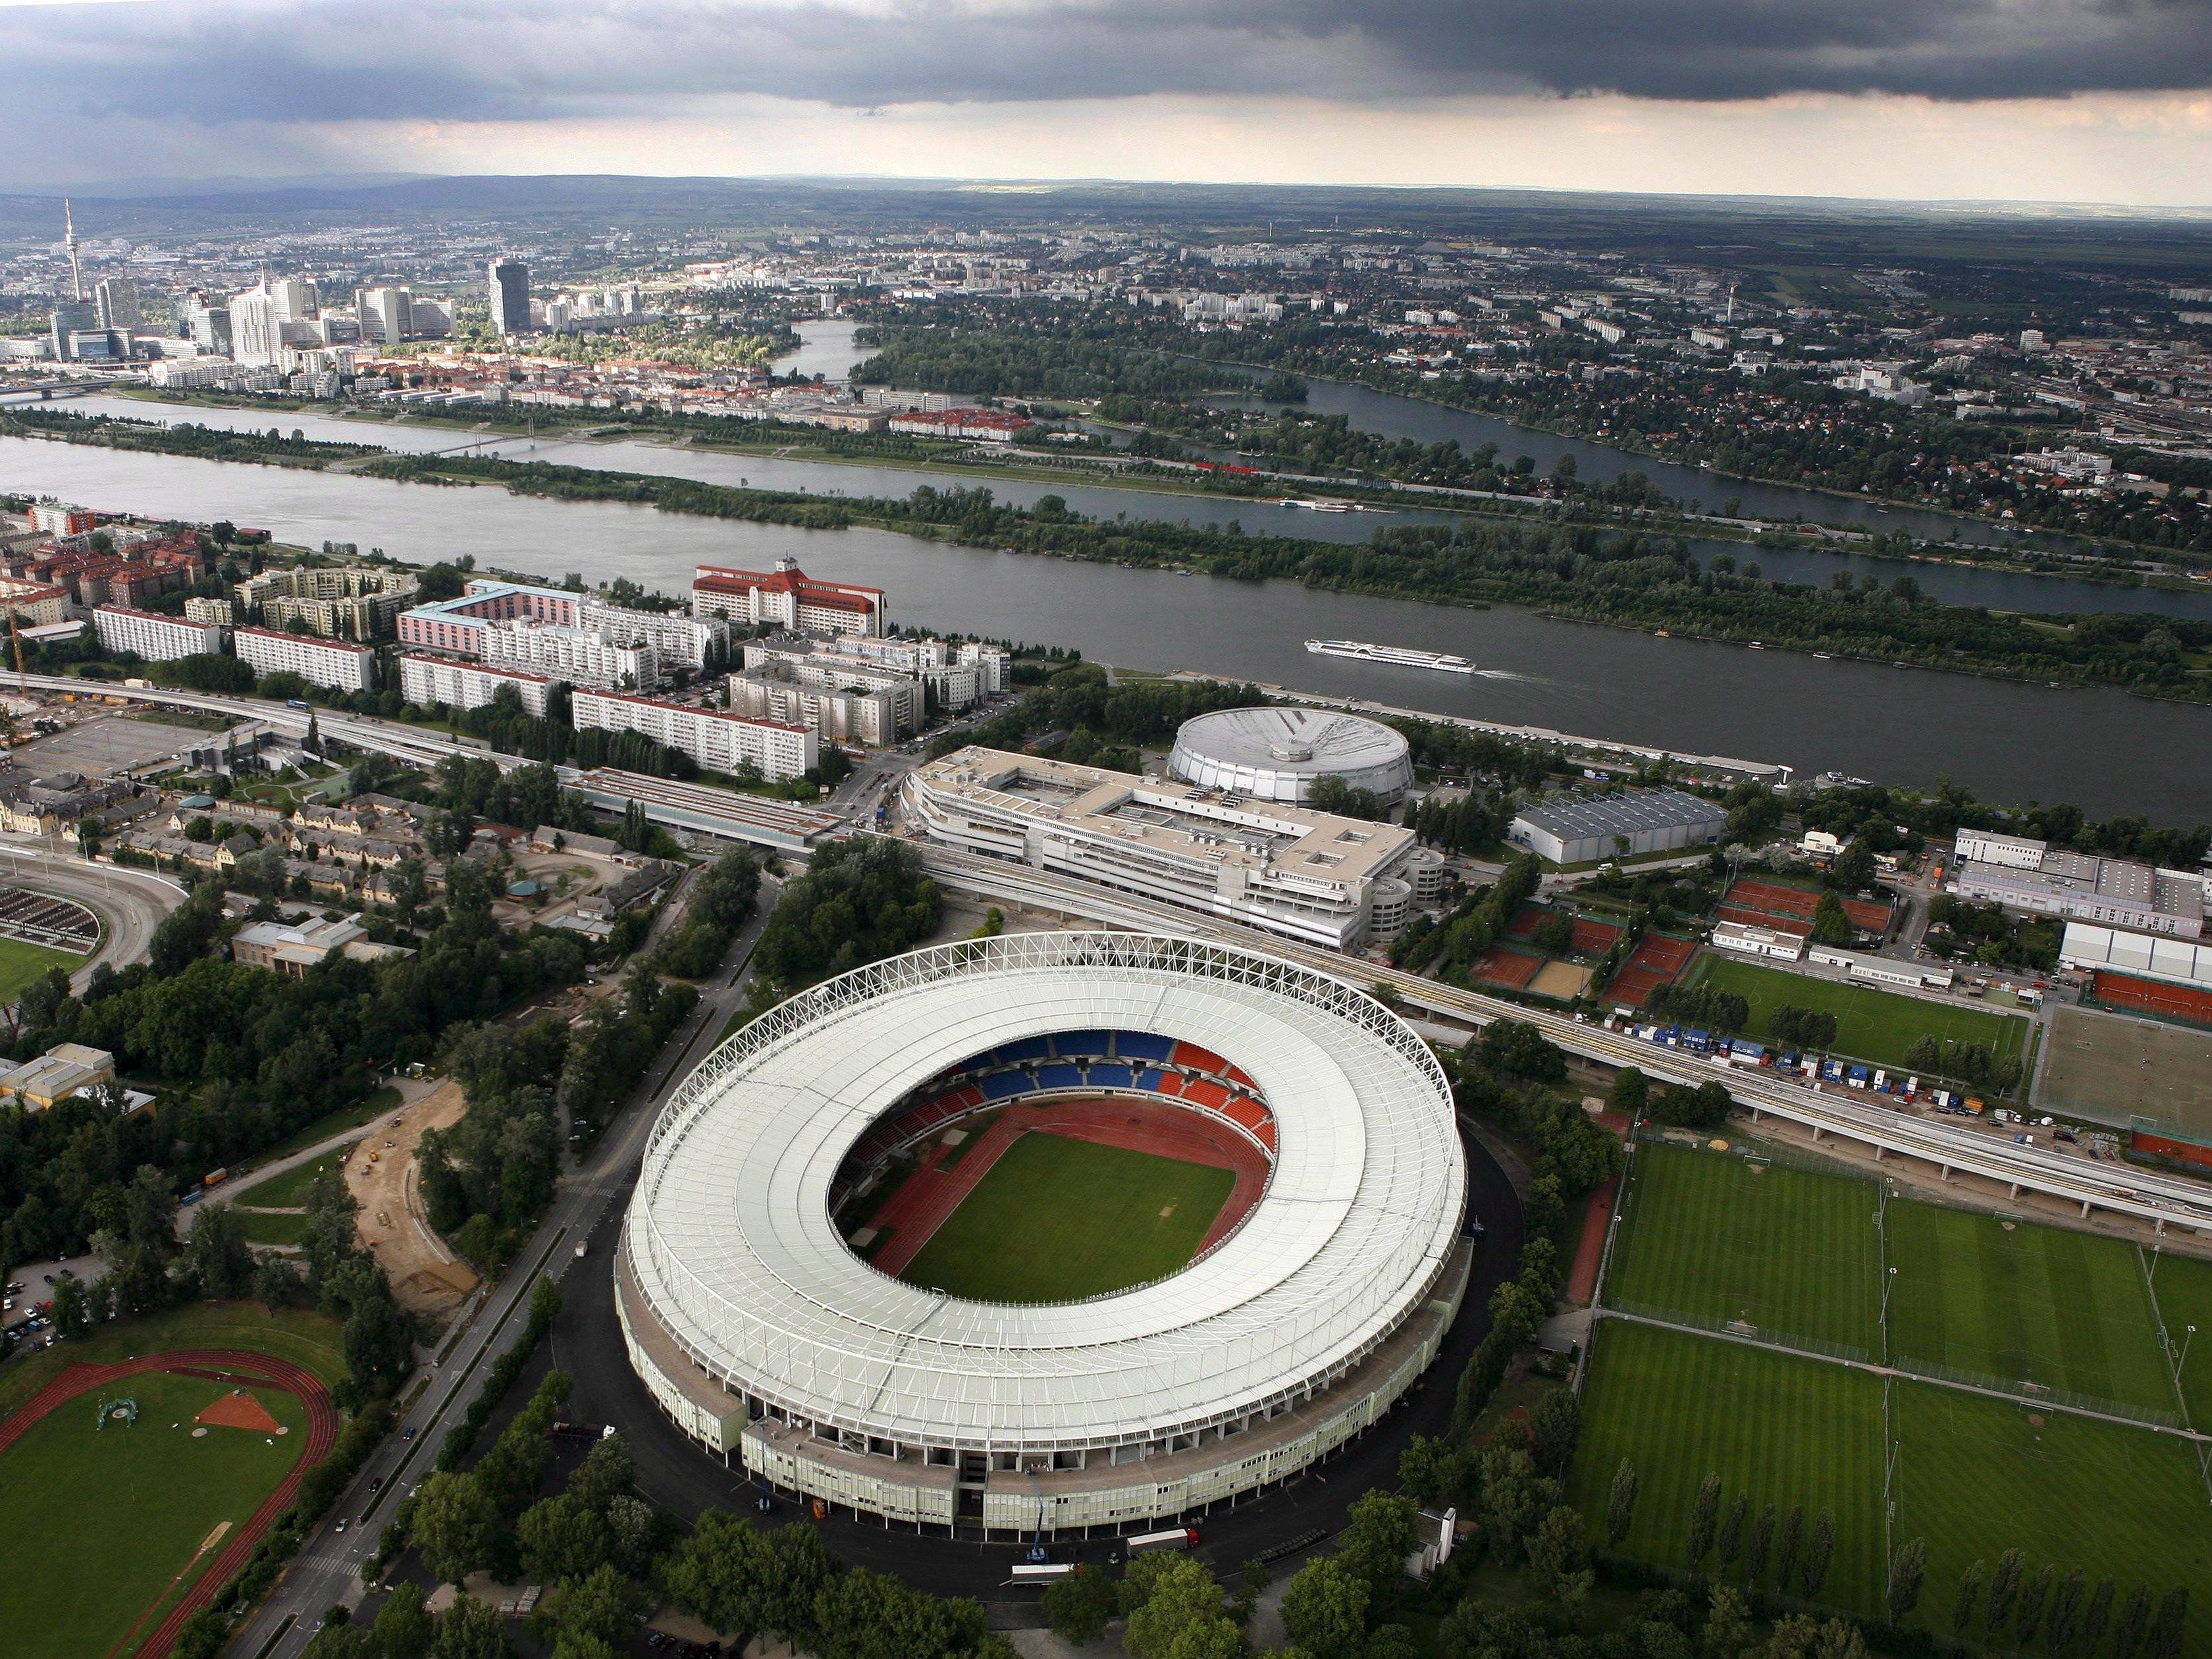 Eine Studie soll Klarheit über die Zukunft des Happel-Stadions bringen